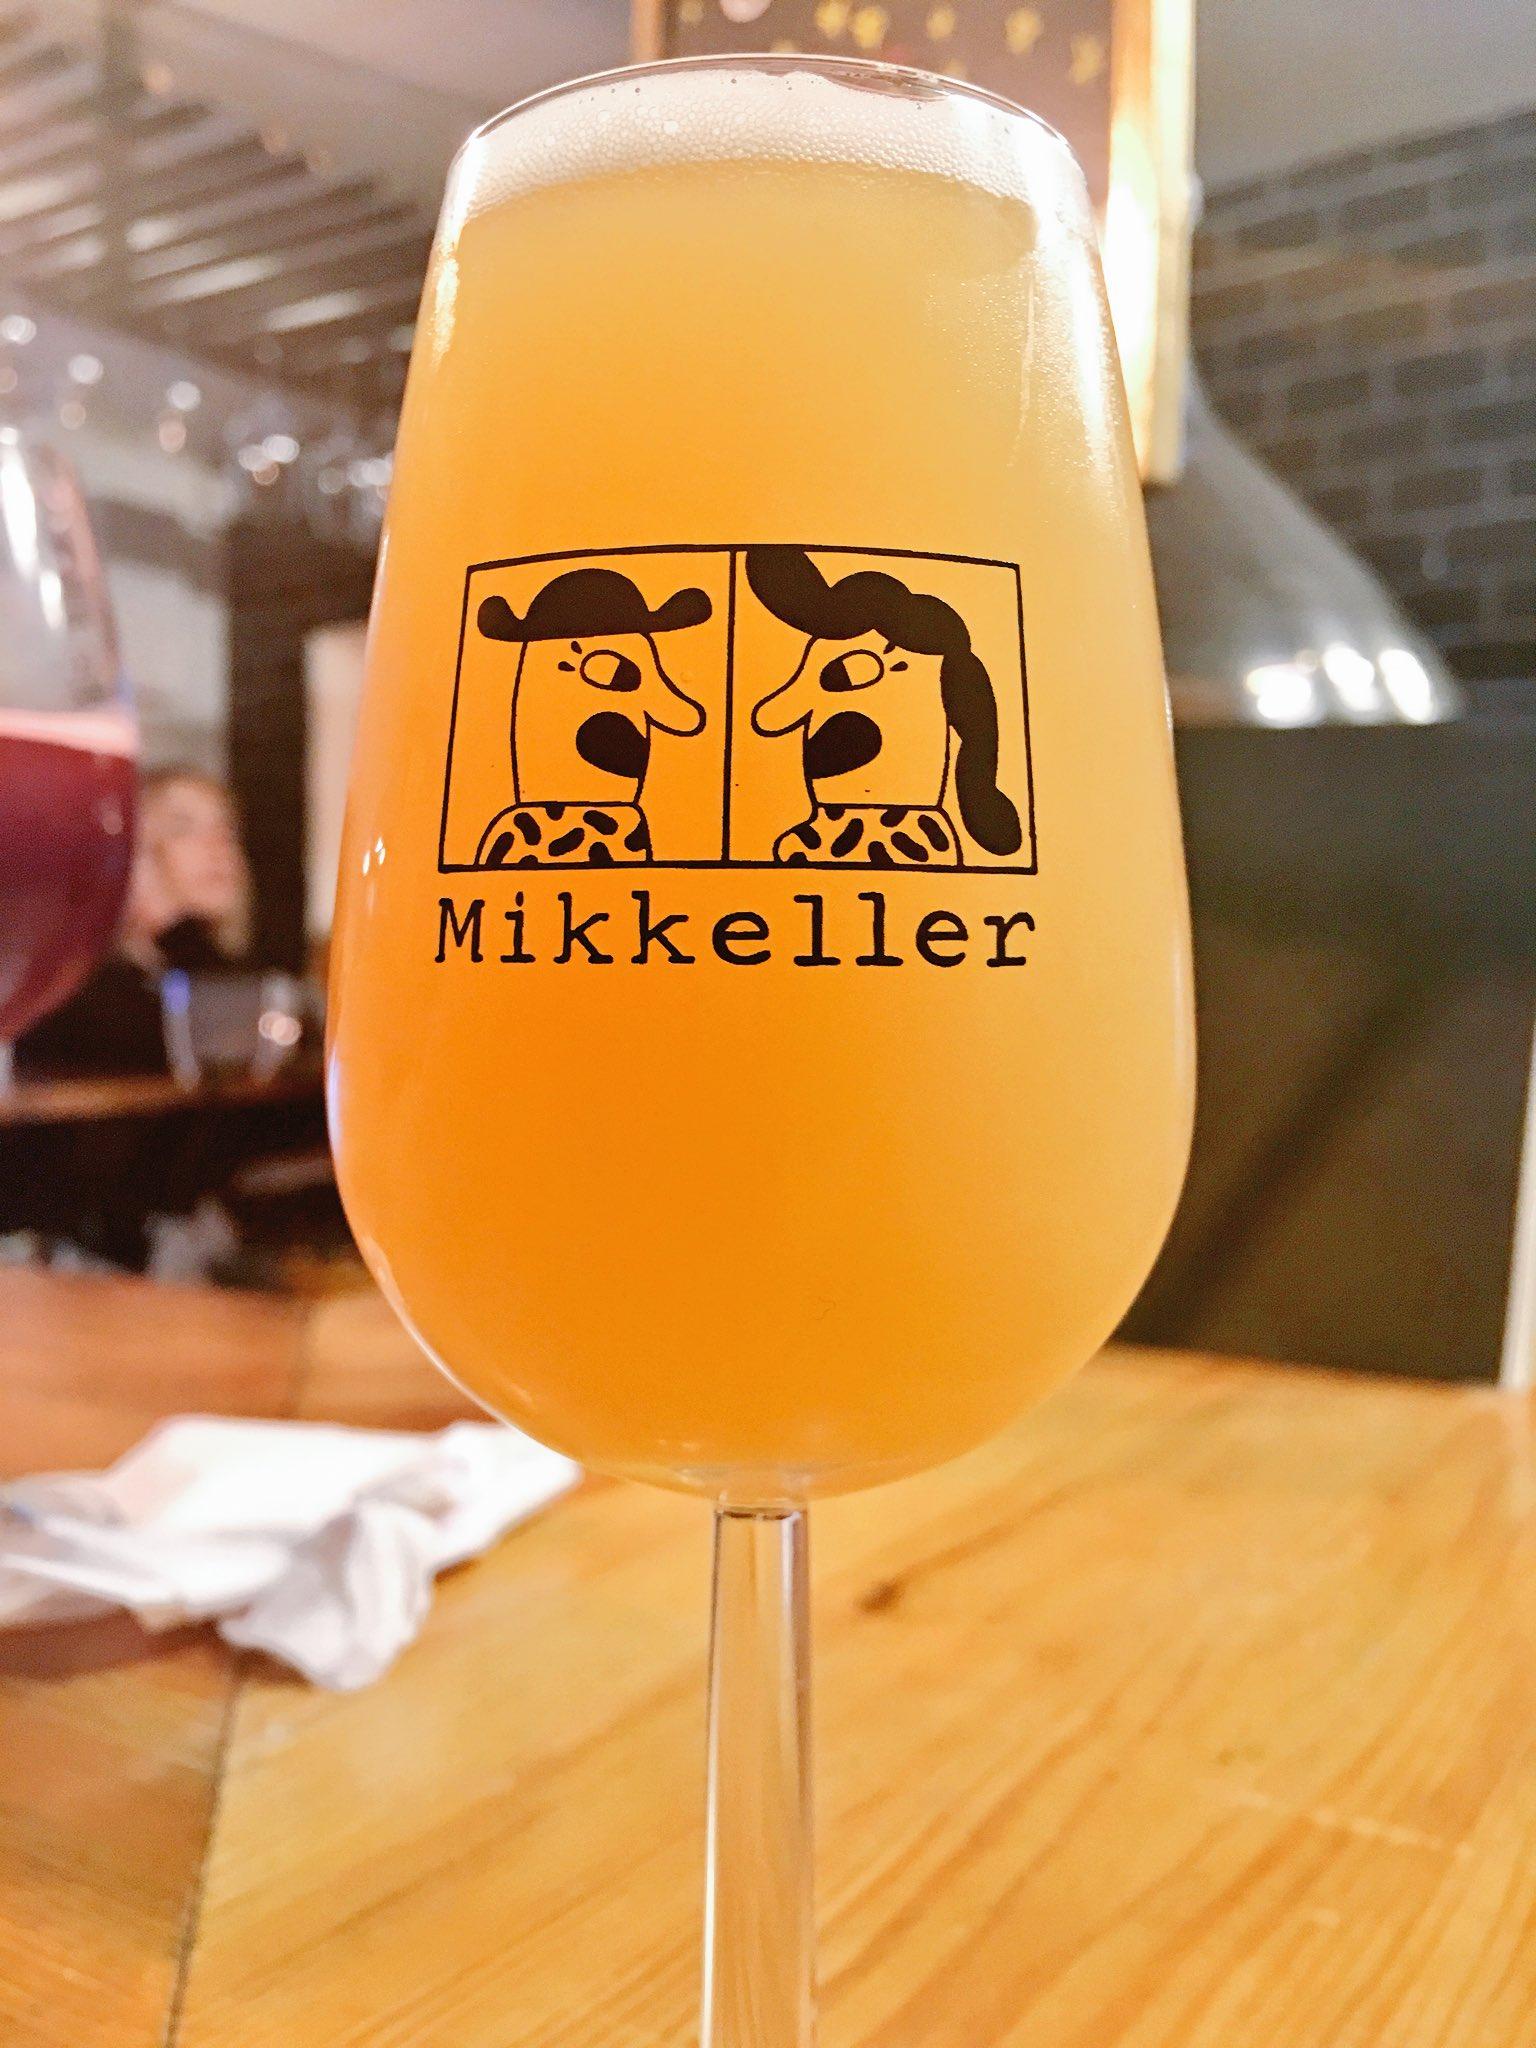 Catavinos de cerveza imperial IPA en @MikkellerBeer Copenhague https://t.co/mLwjPHwtOG